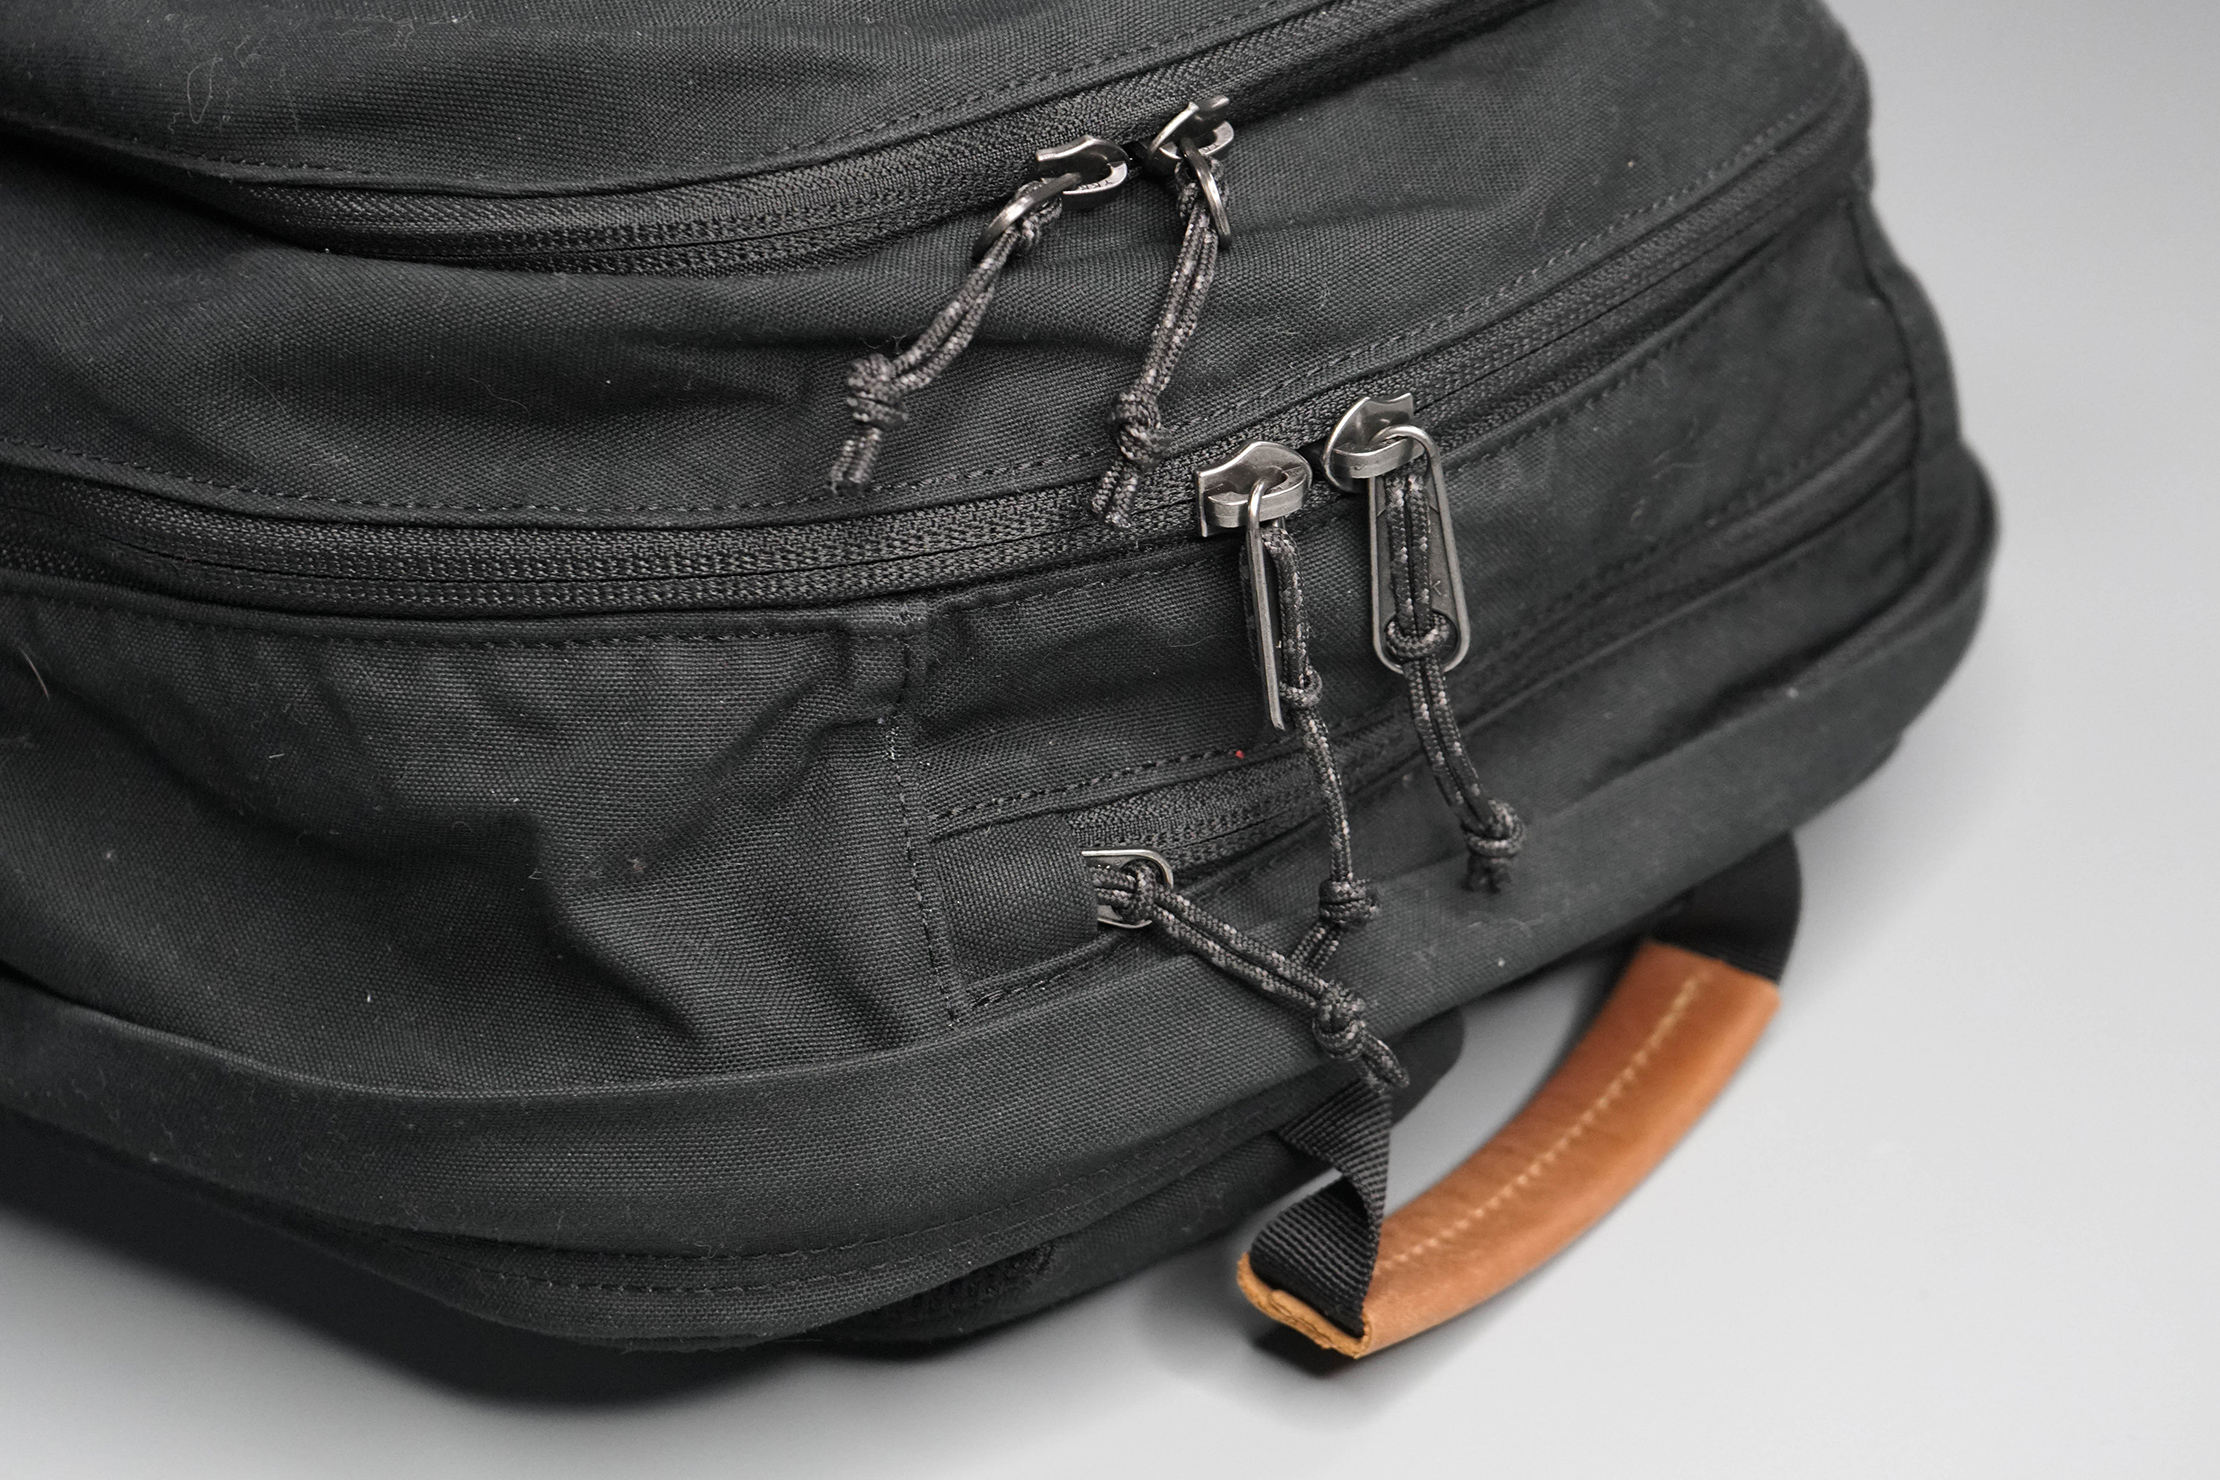 Fjallraven Raven 28 Zippers